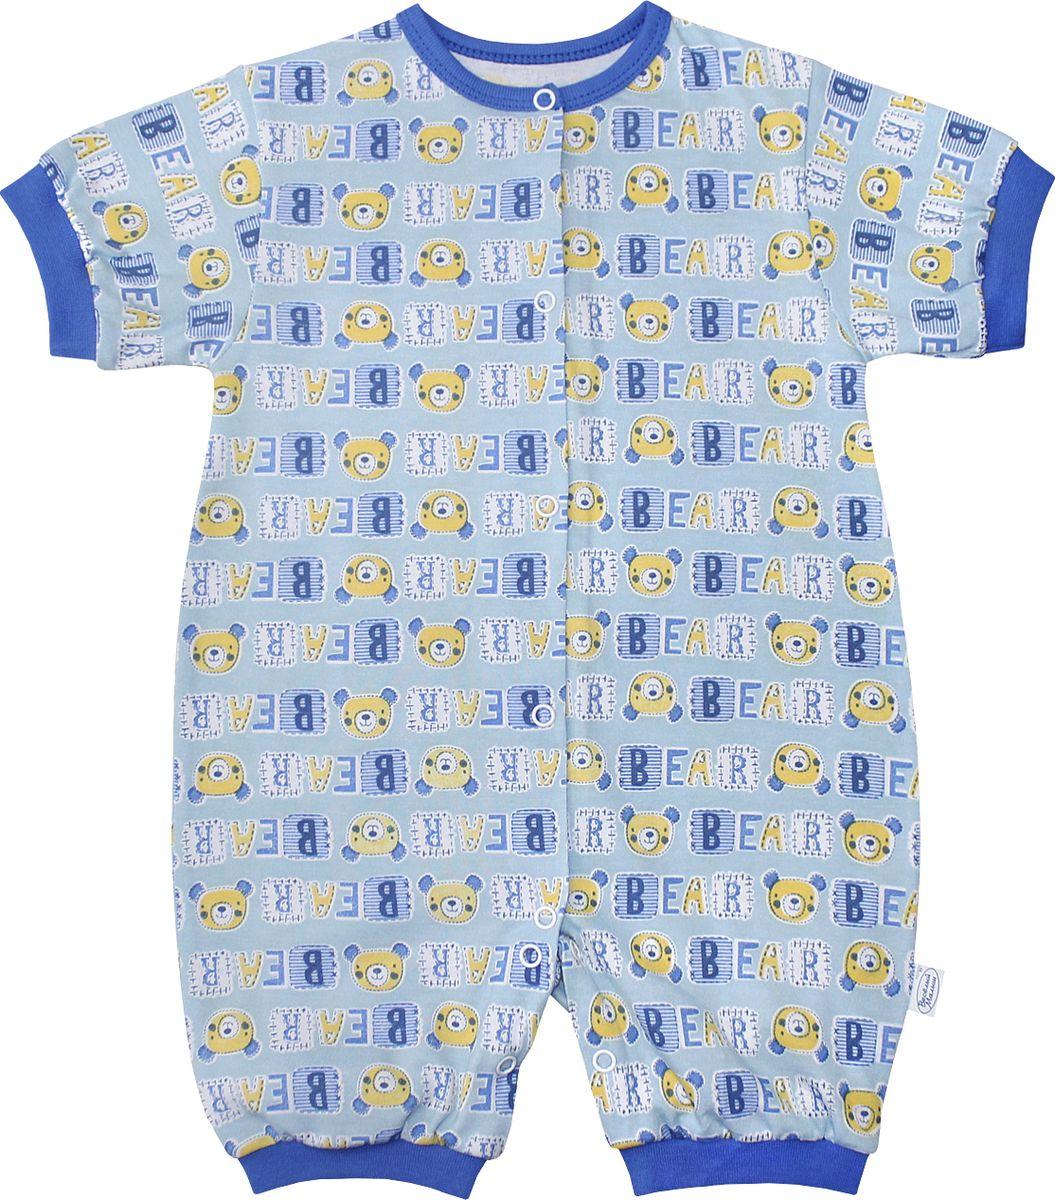 Песочник для мальчика Веселый малыш One, цвет: голубой. 52172/one-E (1)_медведь. Размер 80